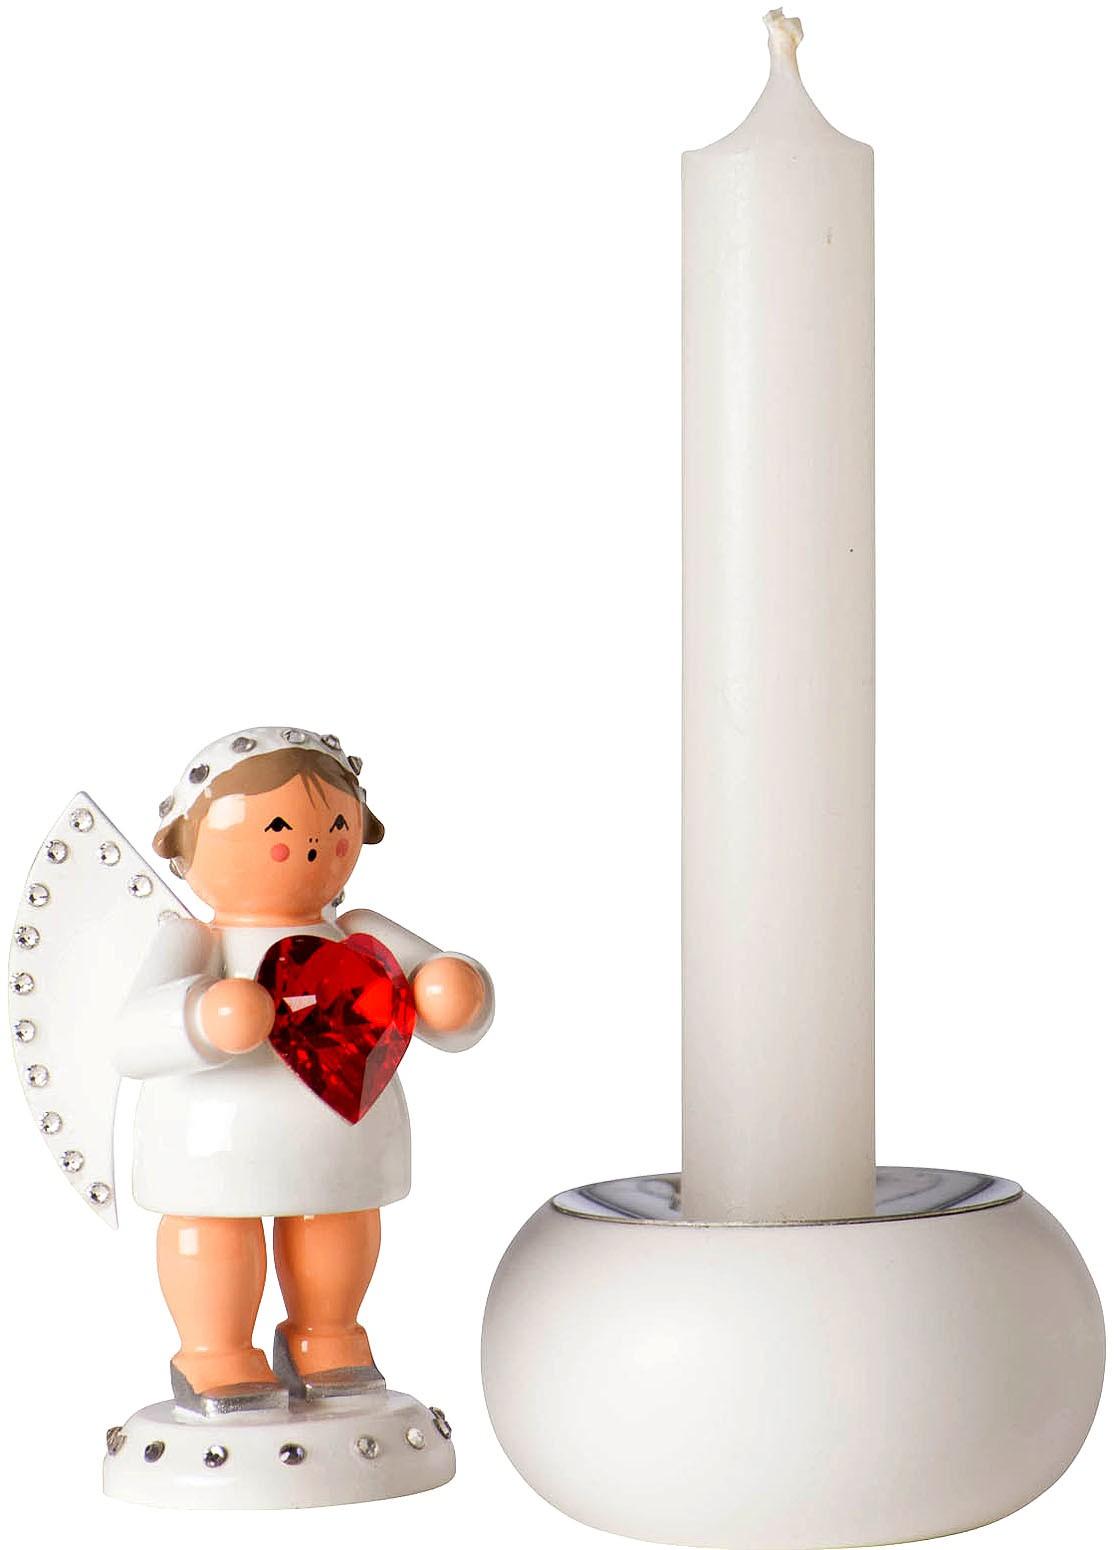 KWO Liebesbote mit rotem Swarovski-Herz und Lichtsockel